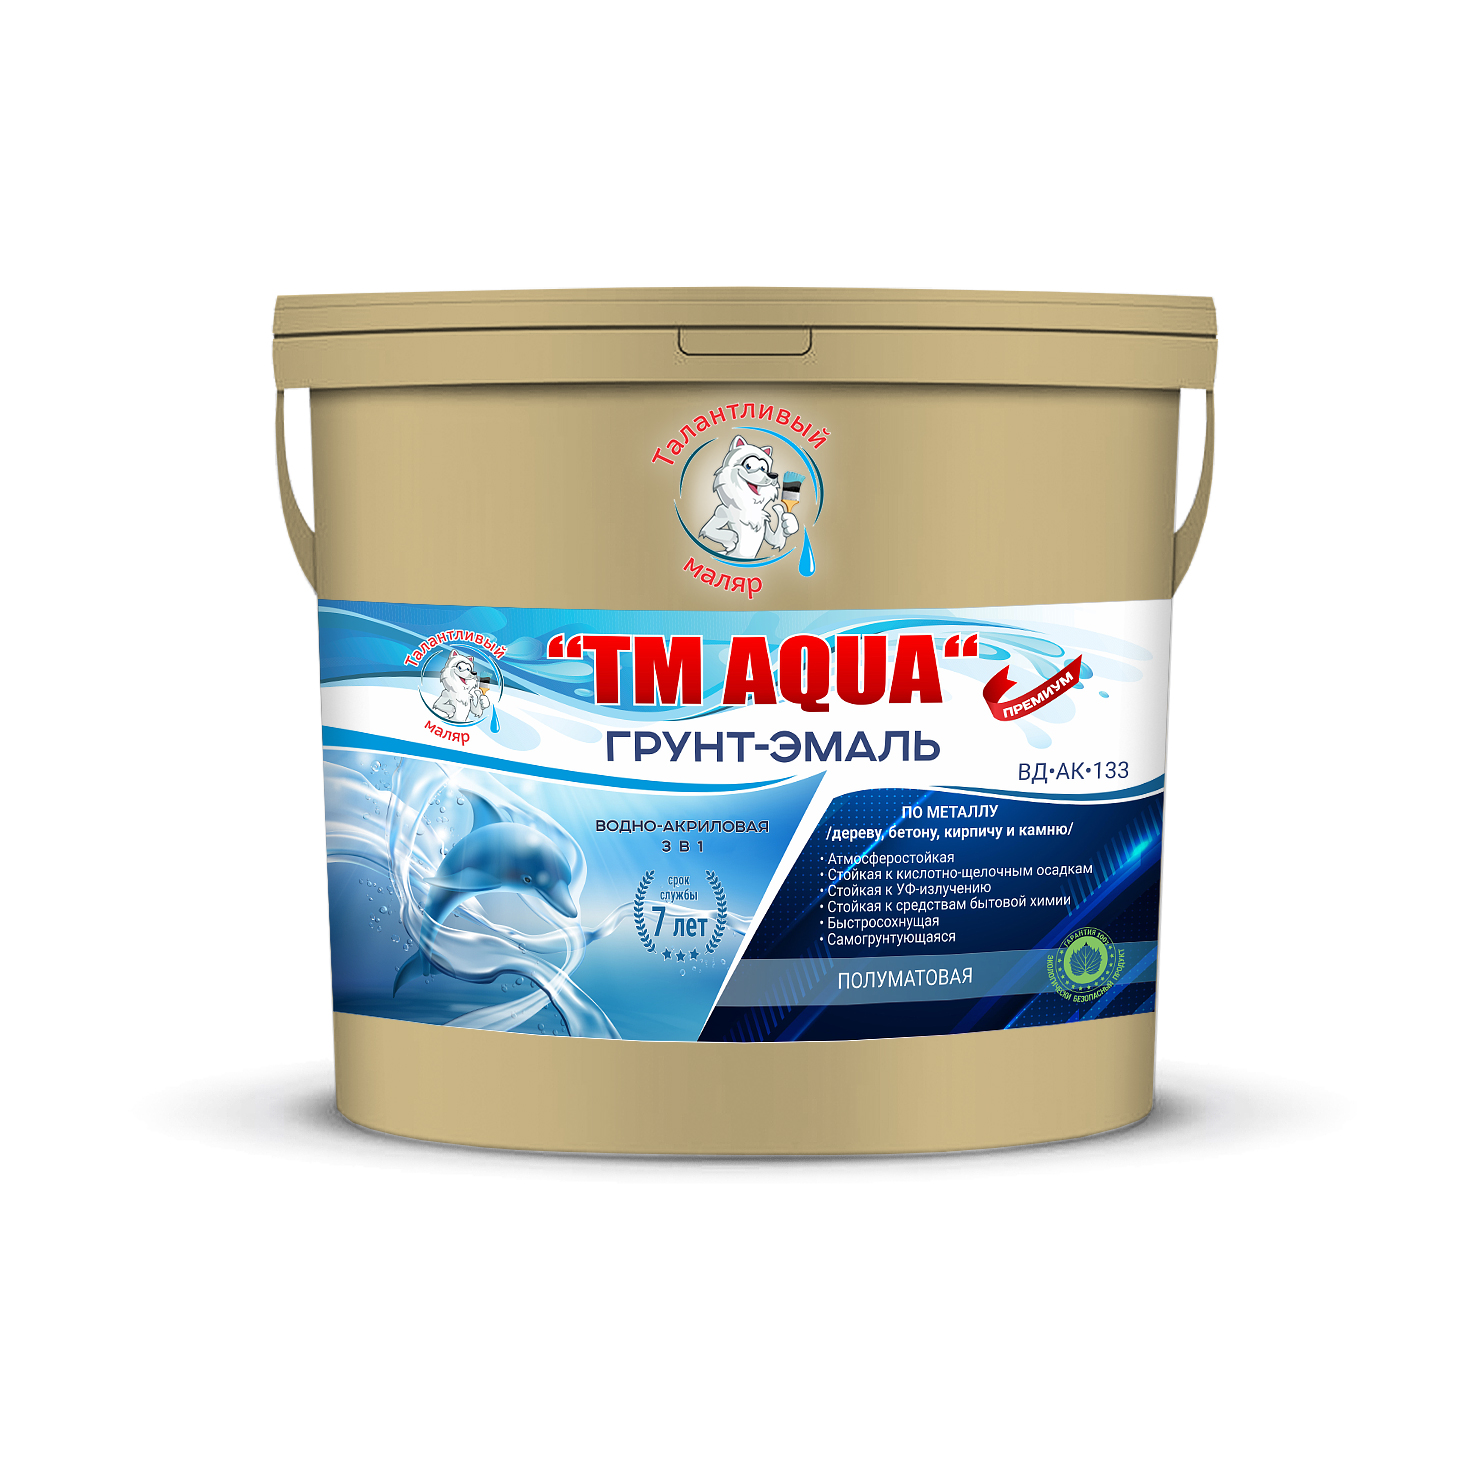 Фото 3 - Грунт-Эмаль 'TM-AQUA' RAL 1001 - Бежевый, 3в1 по ржавчине, водно-акриловая, полуматовая, 10кг 'Талантливый Маляр'.